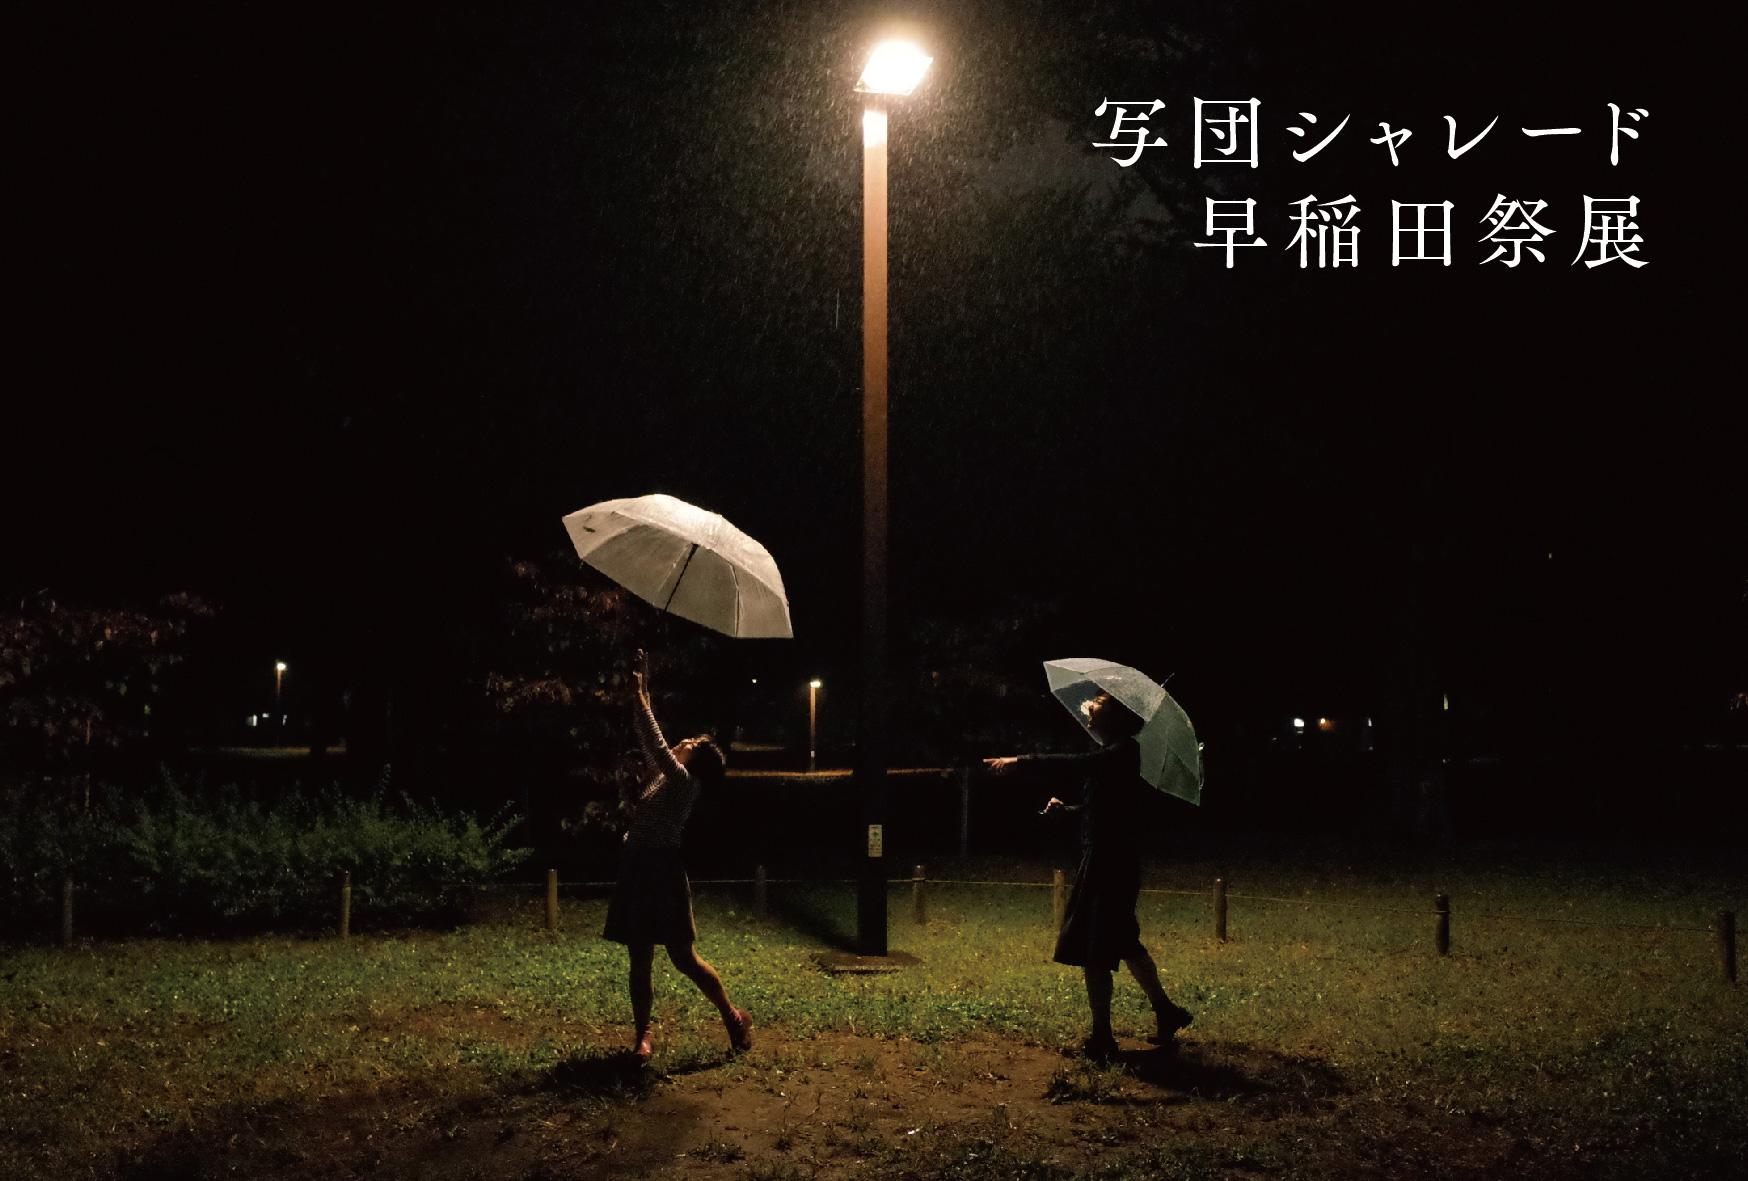 早稲田祭展 (2015年11月)